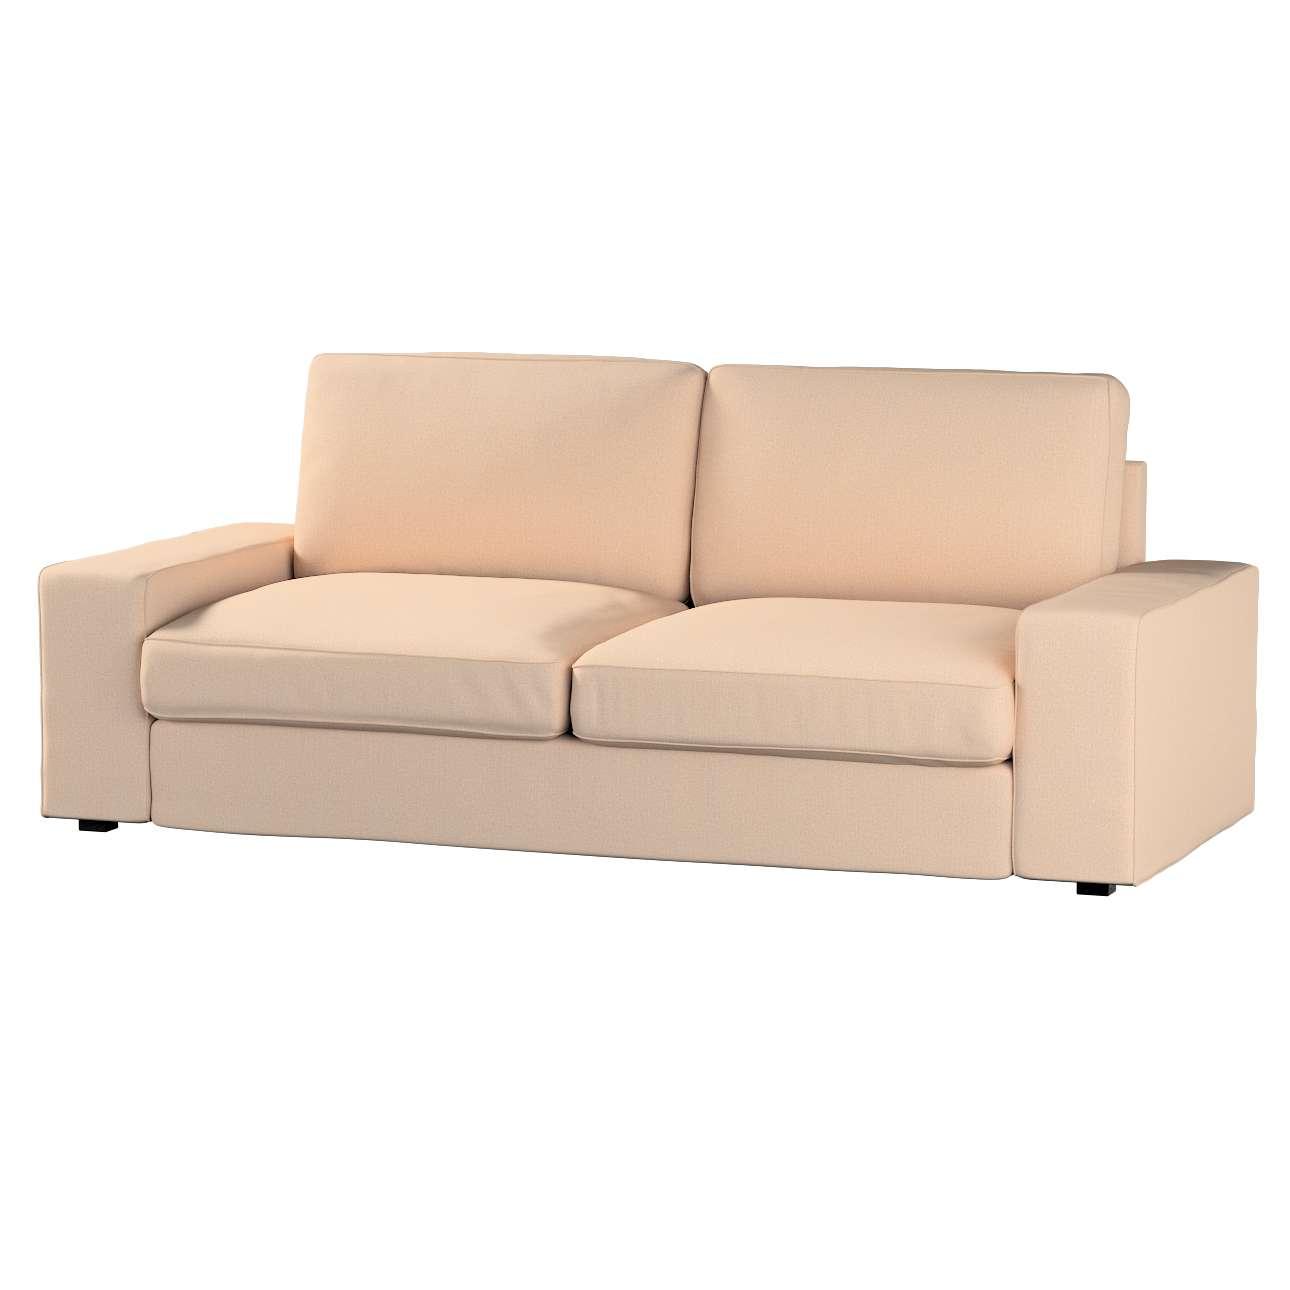 Pokrowiec na sofę Kivik 3-osobową, nierozkładaną Sofa Kivik 3-osobowa nierozkładana w kolekcji Edinburgh, tkanina: 115-78